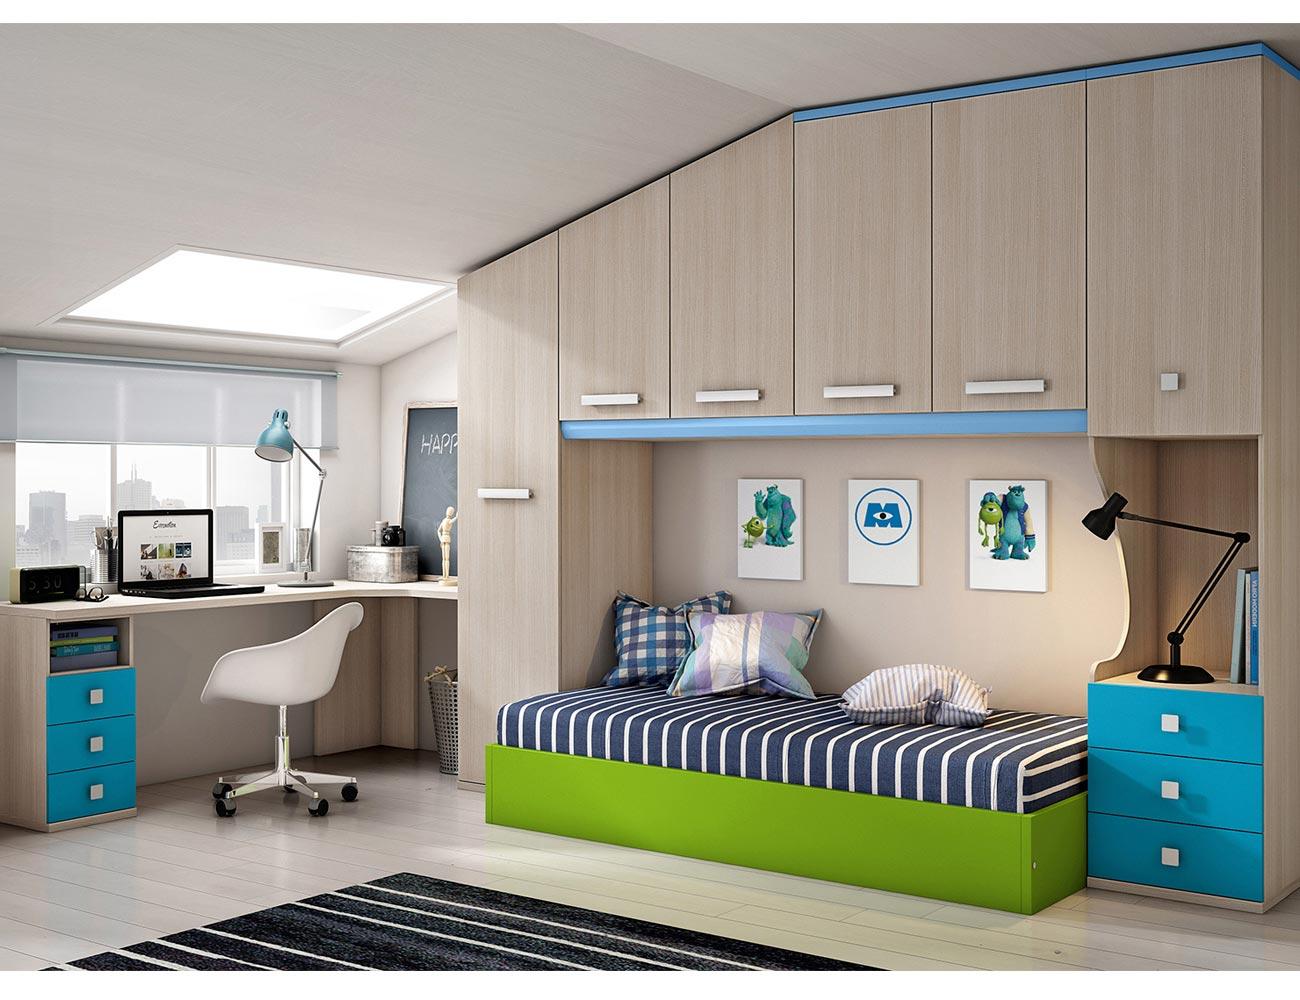 Dormitorio juvenil con puente abuhardillado 13150 Armario puente juvenil